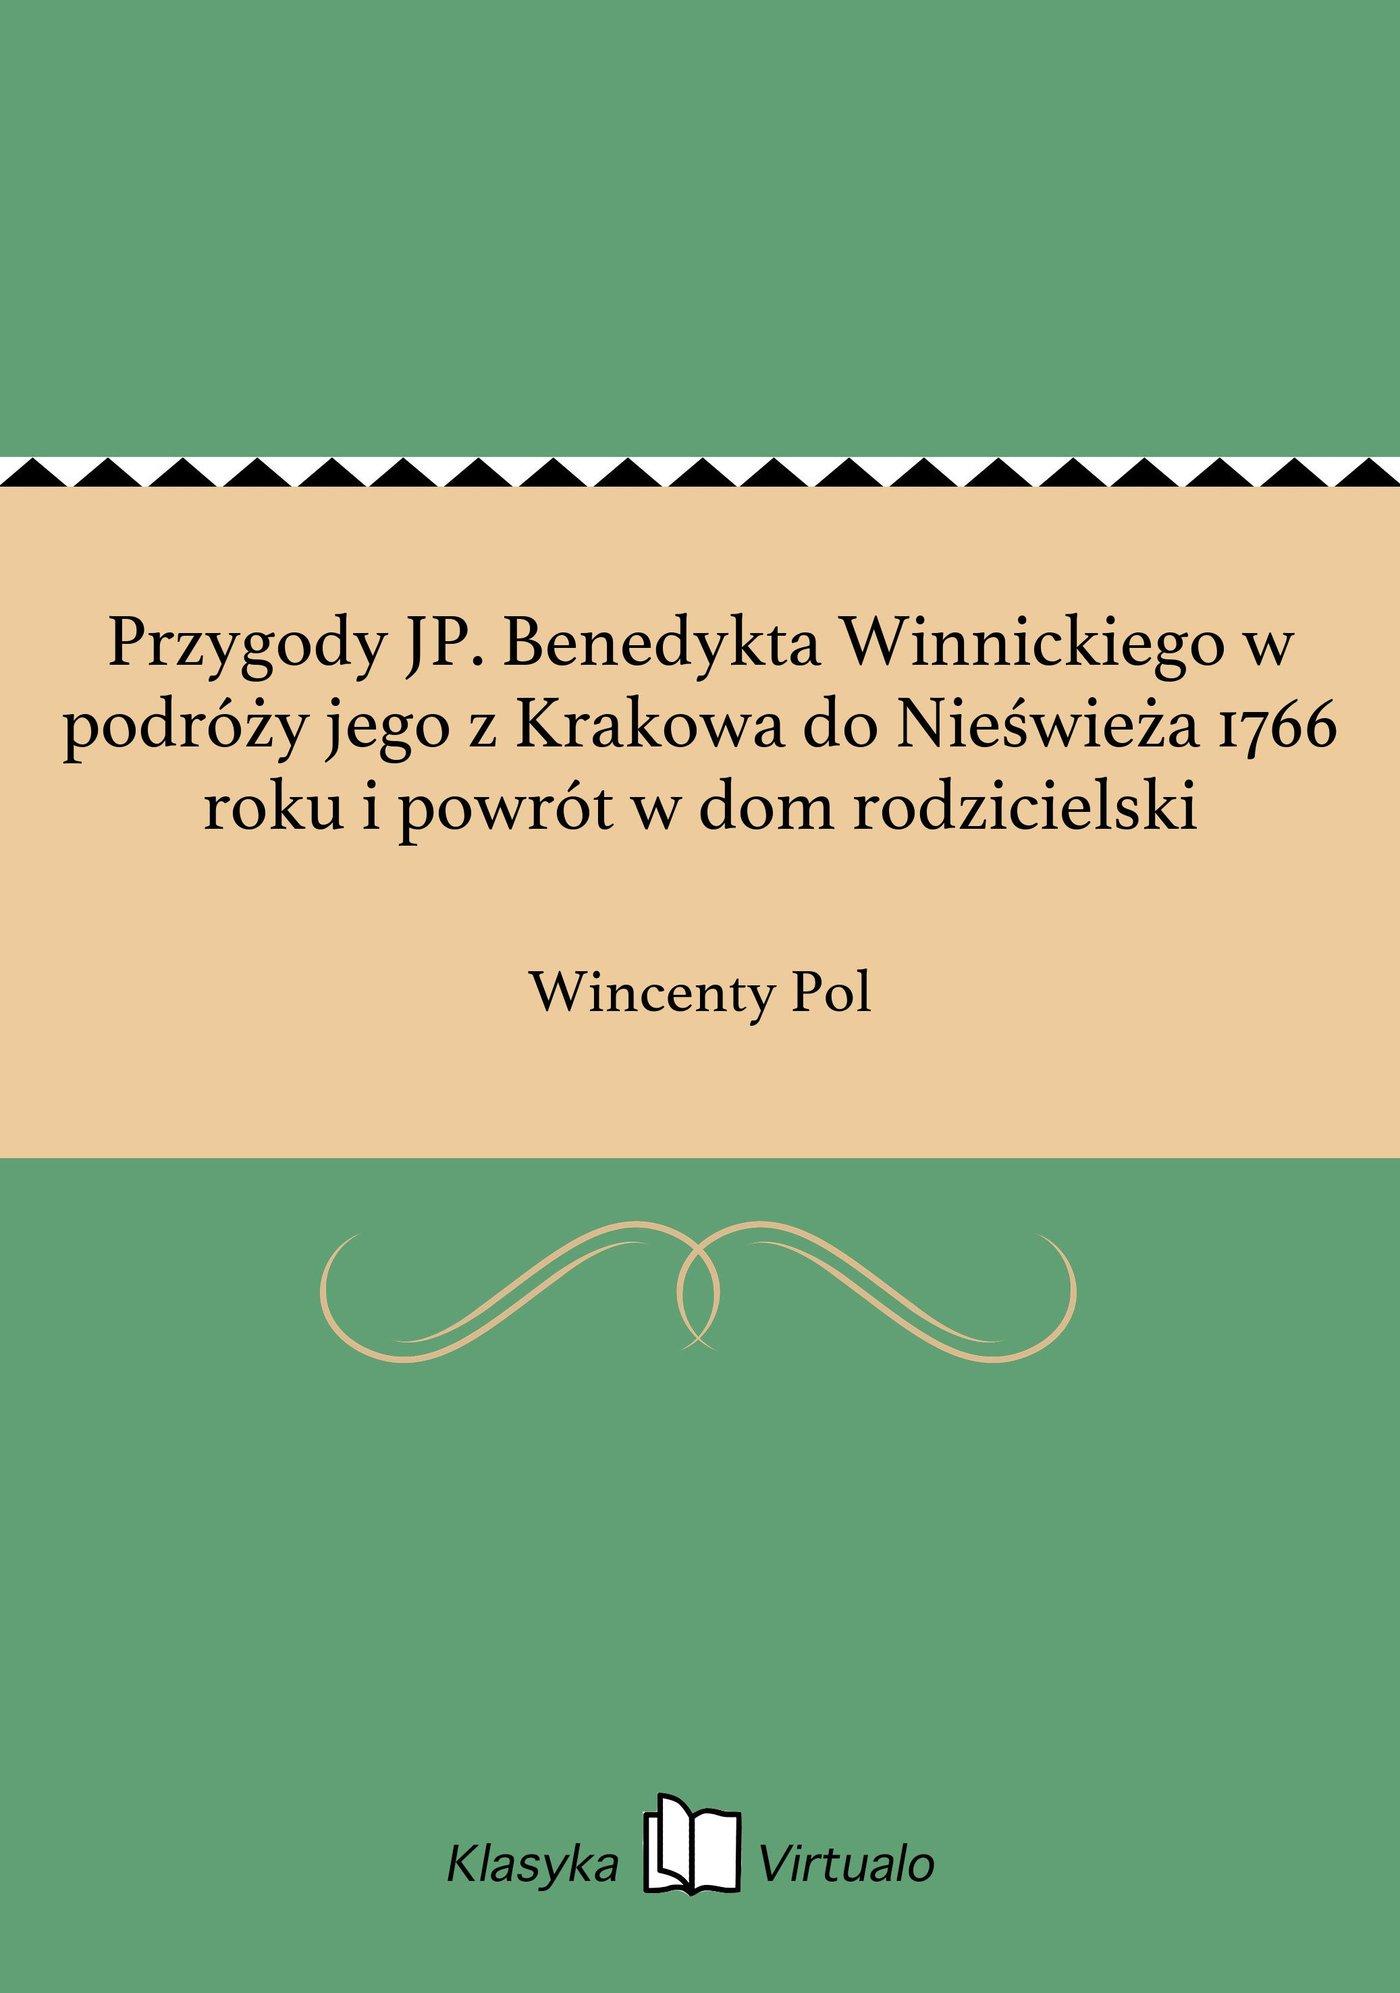 Przygody JP. Benedykta Winnickiego w podróży jego z Krakowa do Nieświeża 1766 roku i powrót w dom rodzicielski - Ebook (Książka EPUB) do pobrania w formacie EPUB